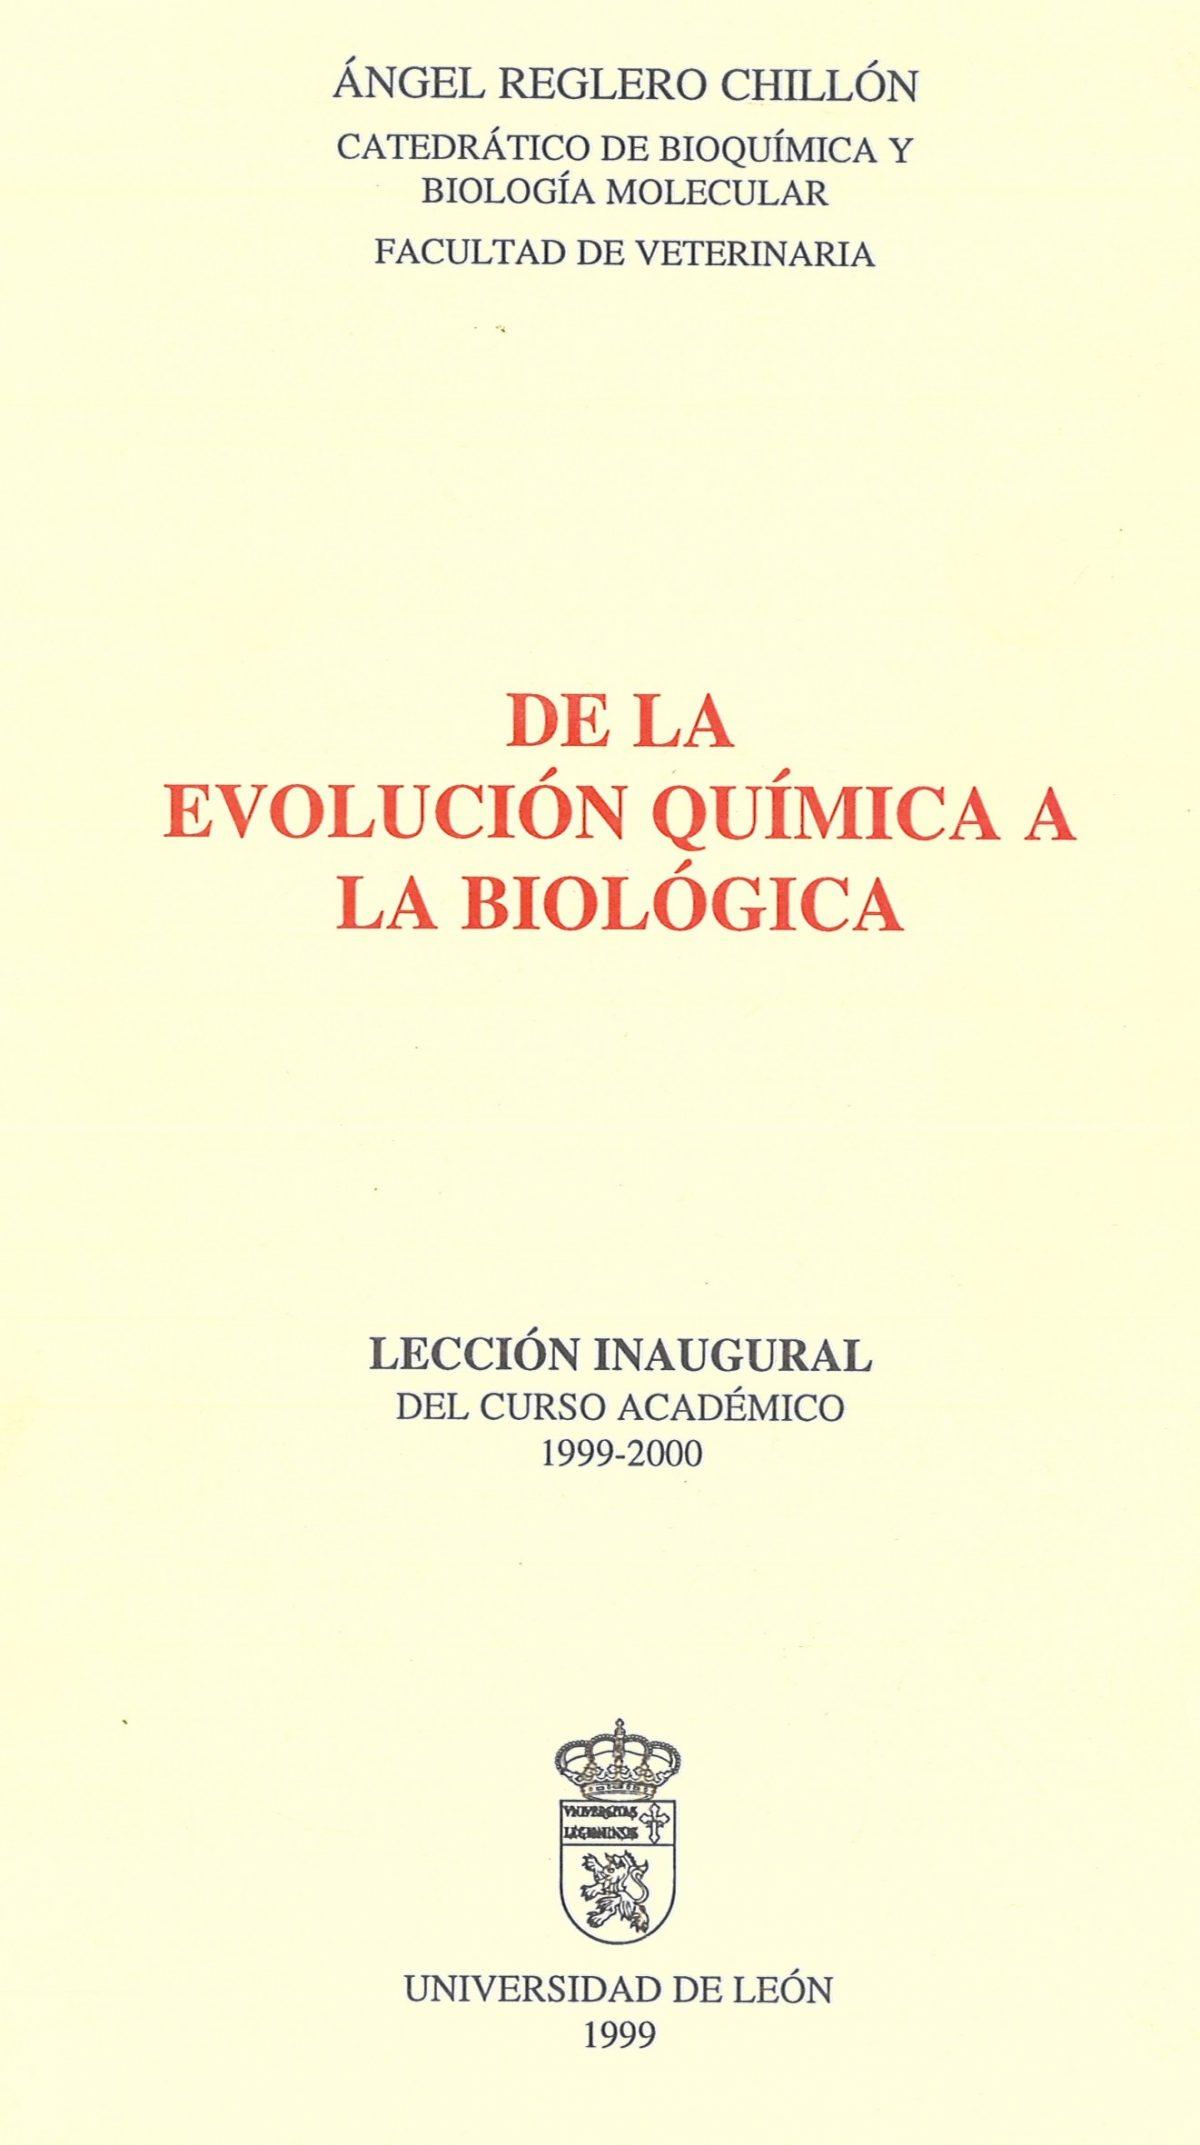 «De la evolución química a la biológica»